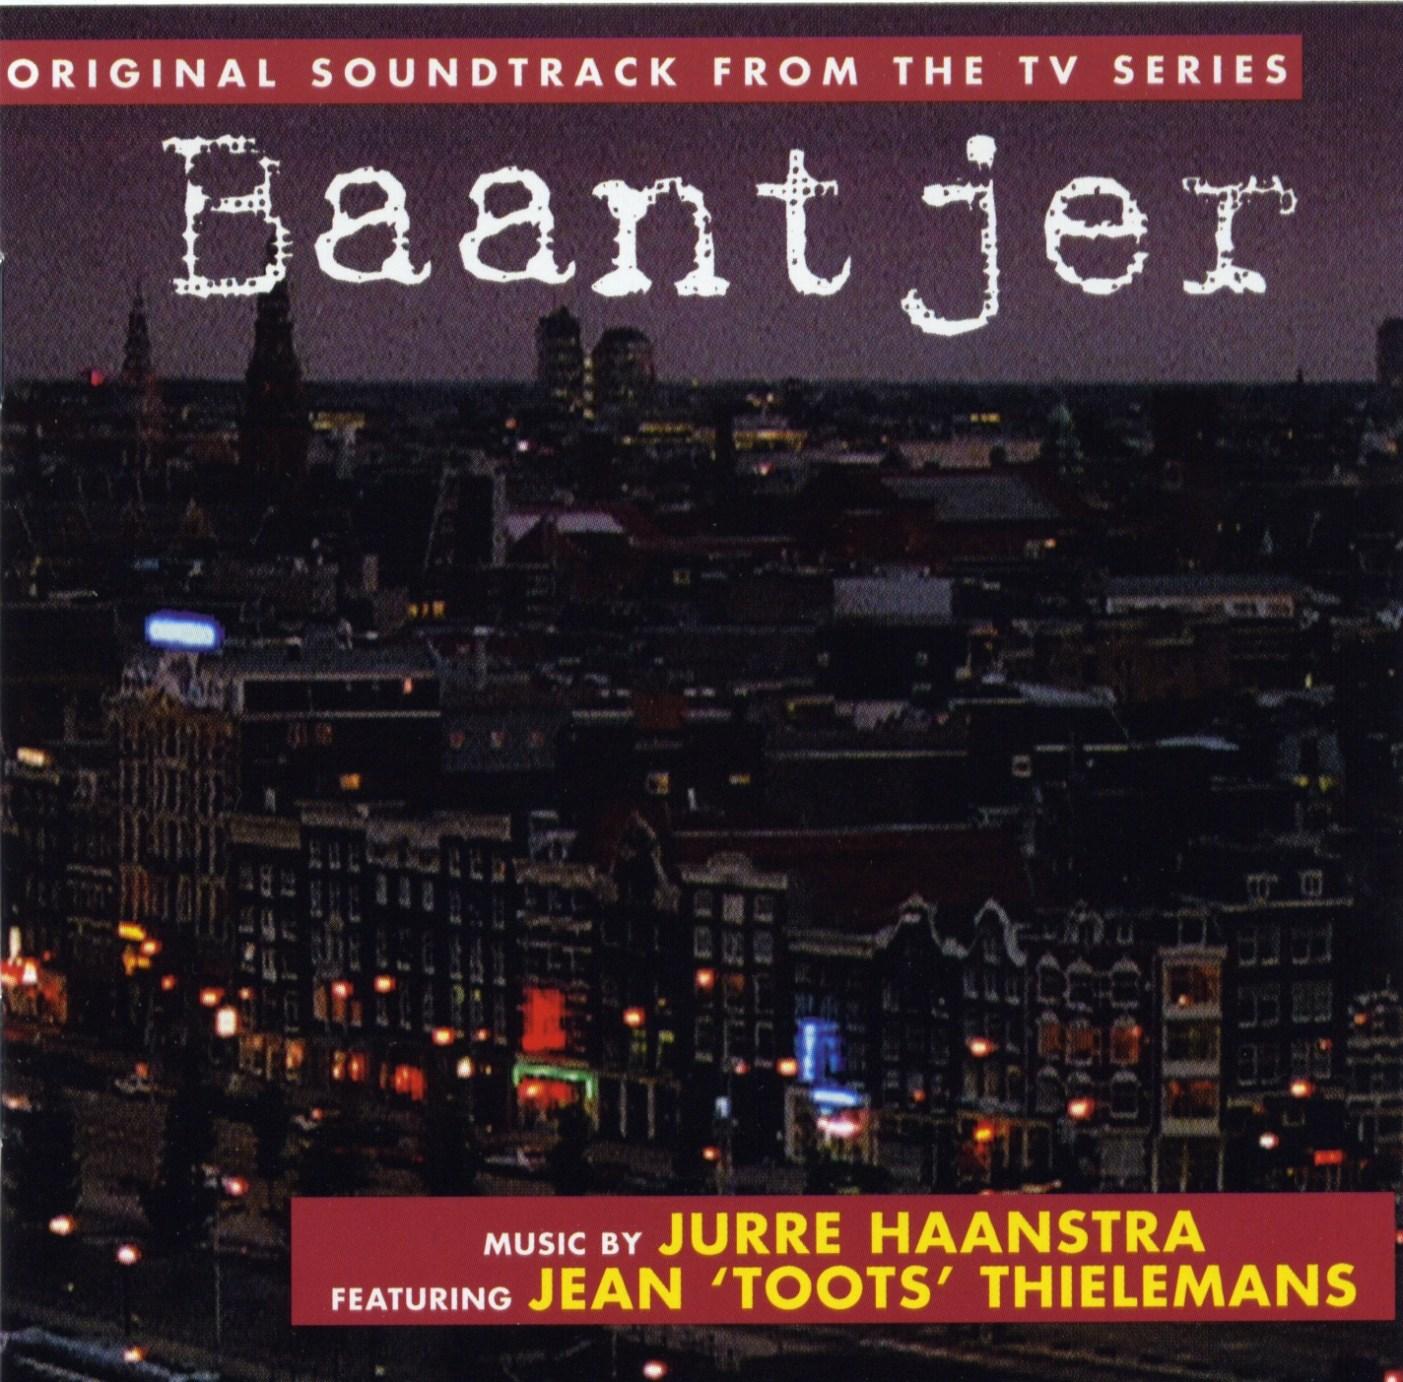 Toots Thielemans - Baantjer - Soundtrack